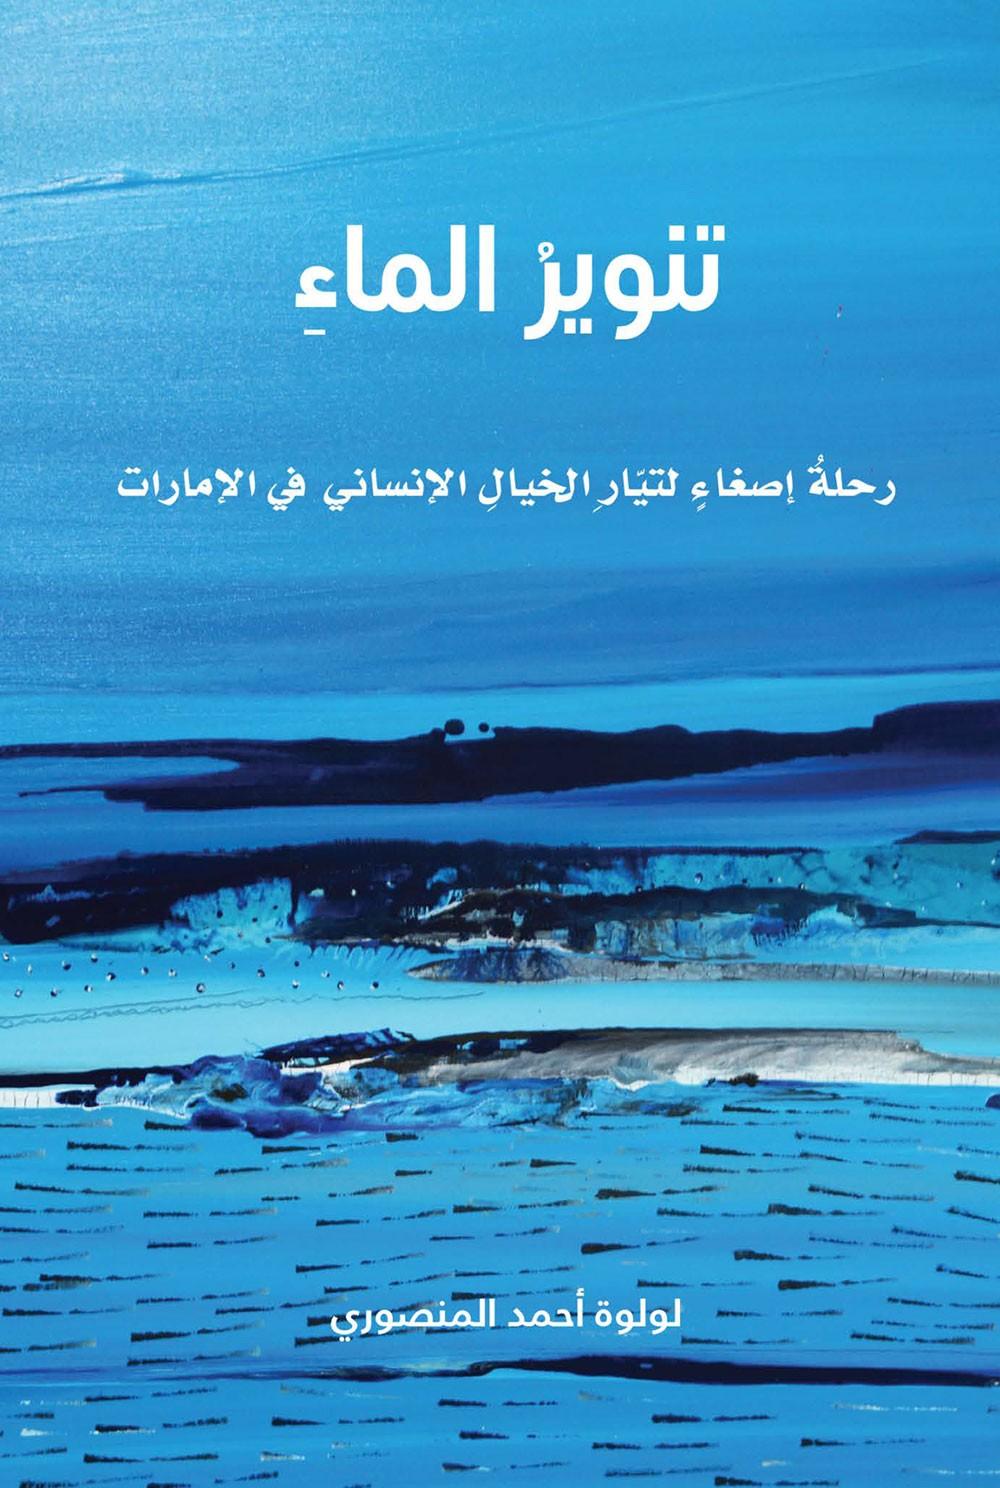 """دائرة الثقافة والسياحة - أبوظبي تصدر كتاب """"تنوير الماء"""" للولوة المنصوري"""